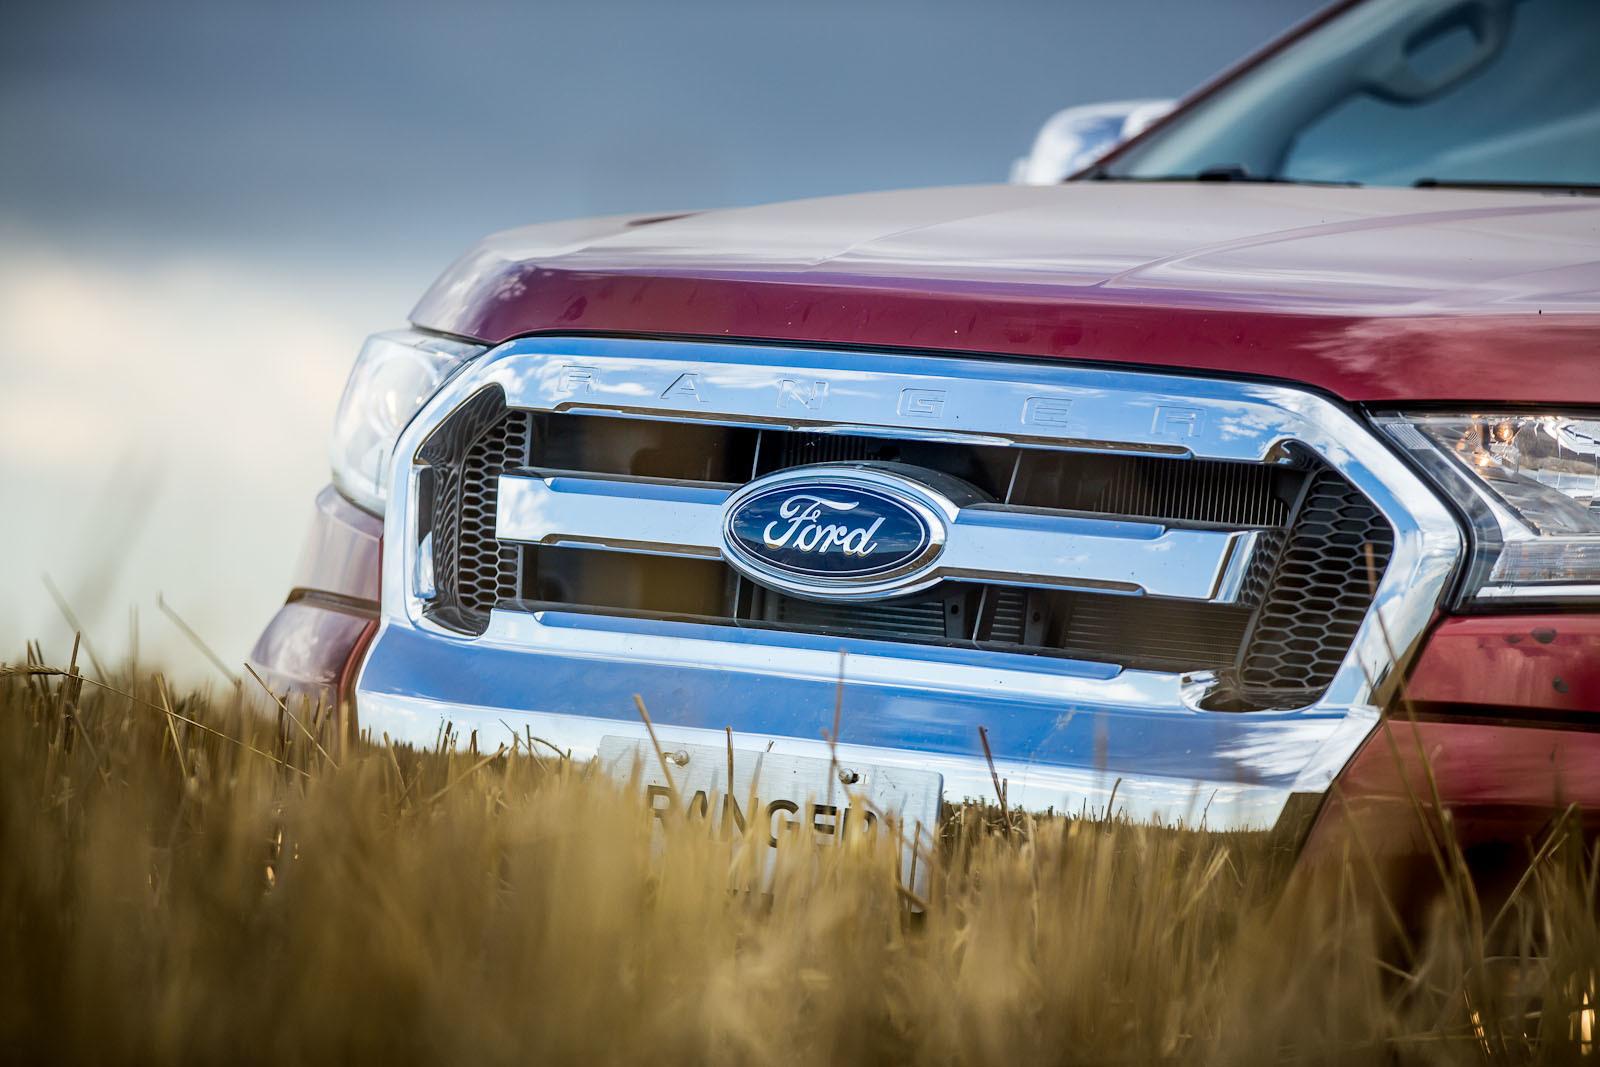 2017 Ford Ranger >> Ford Ranger 2017 (3/13)